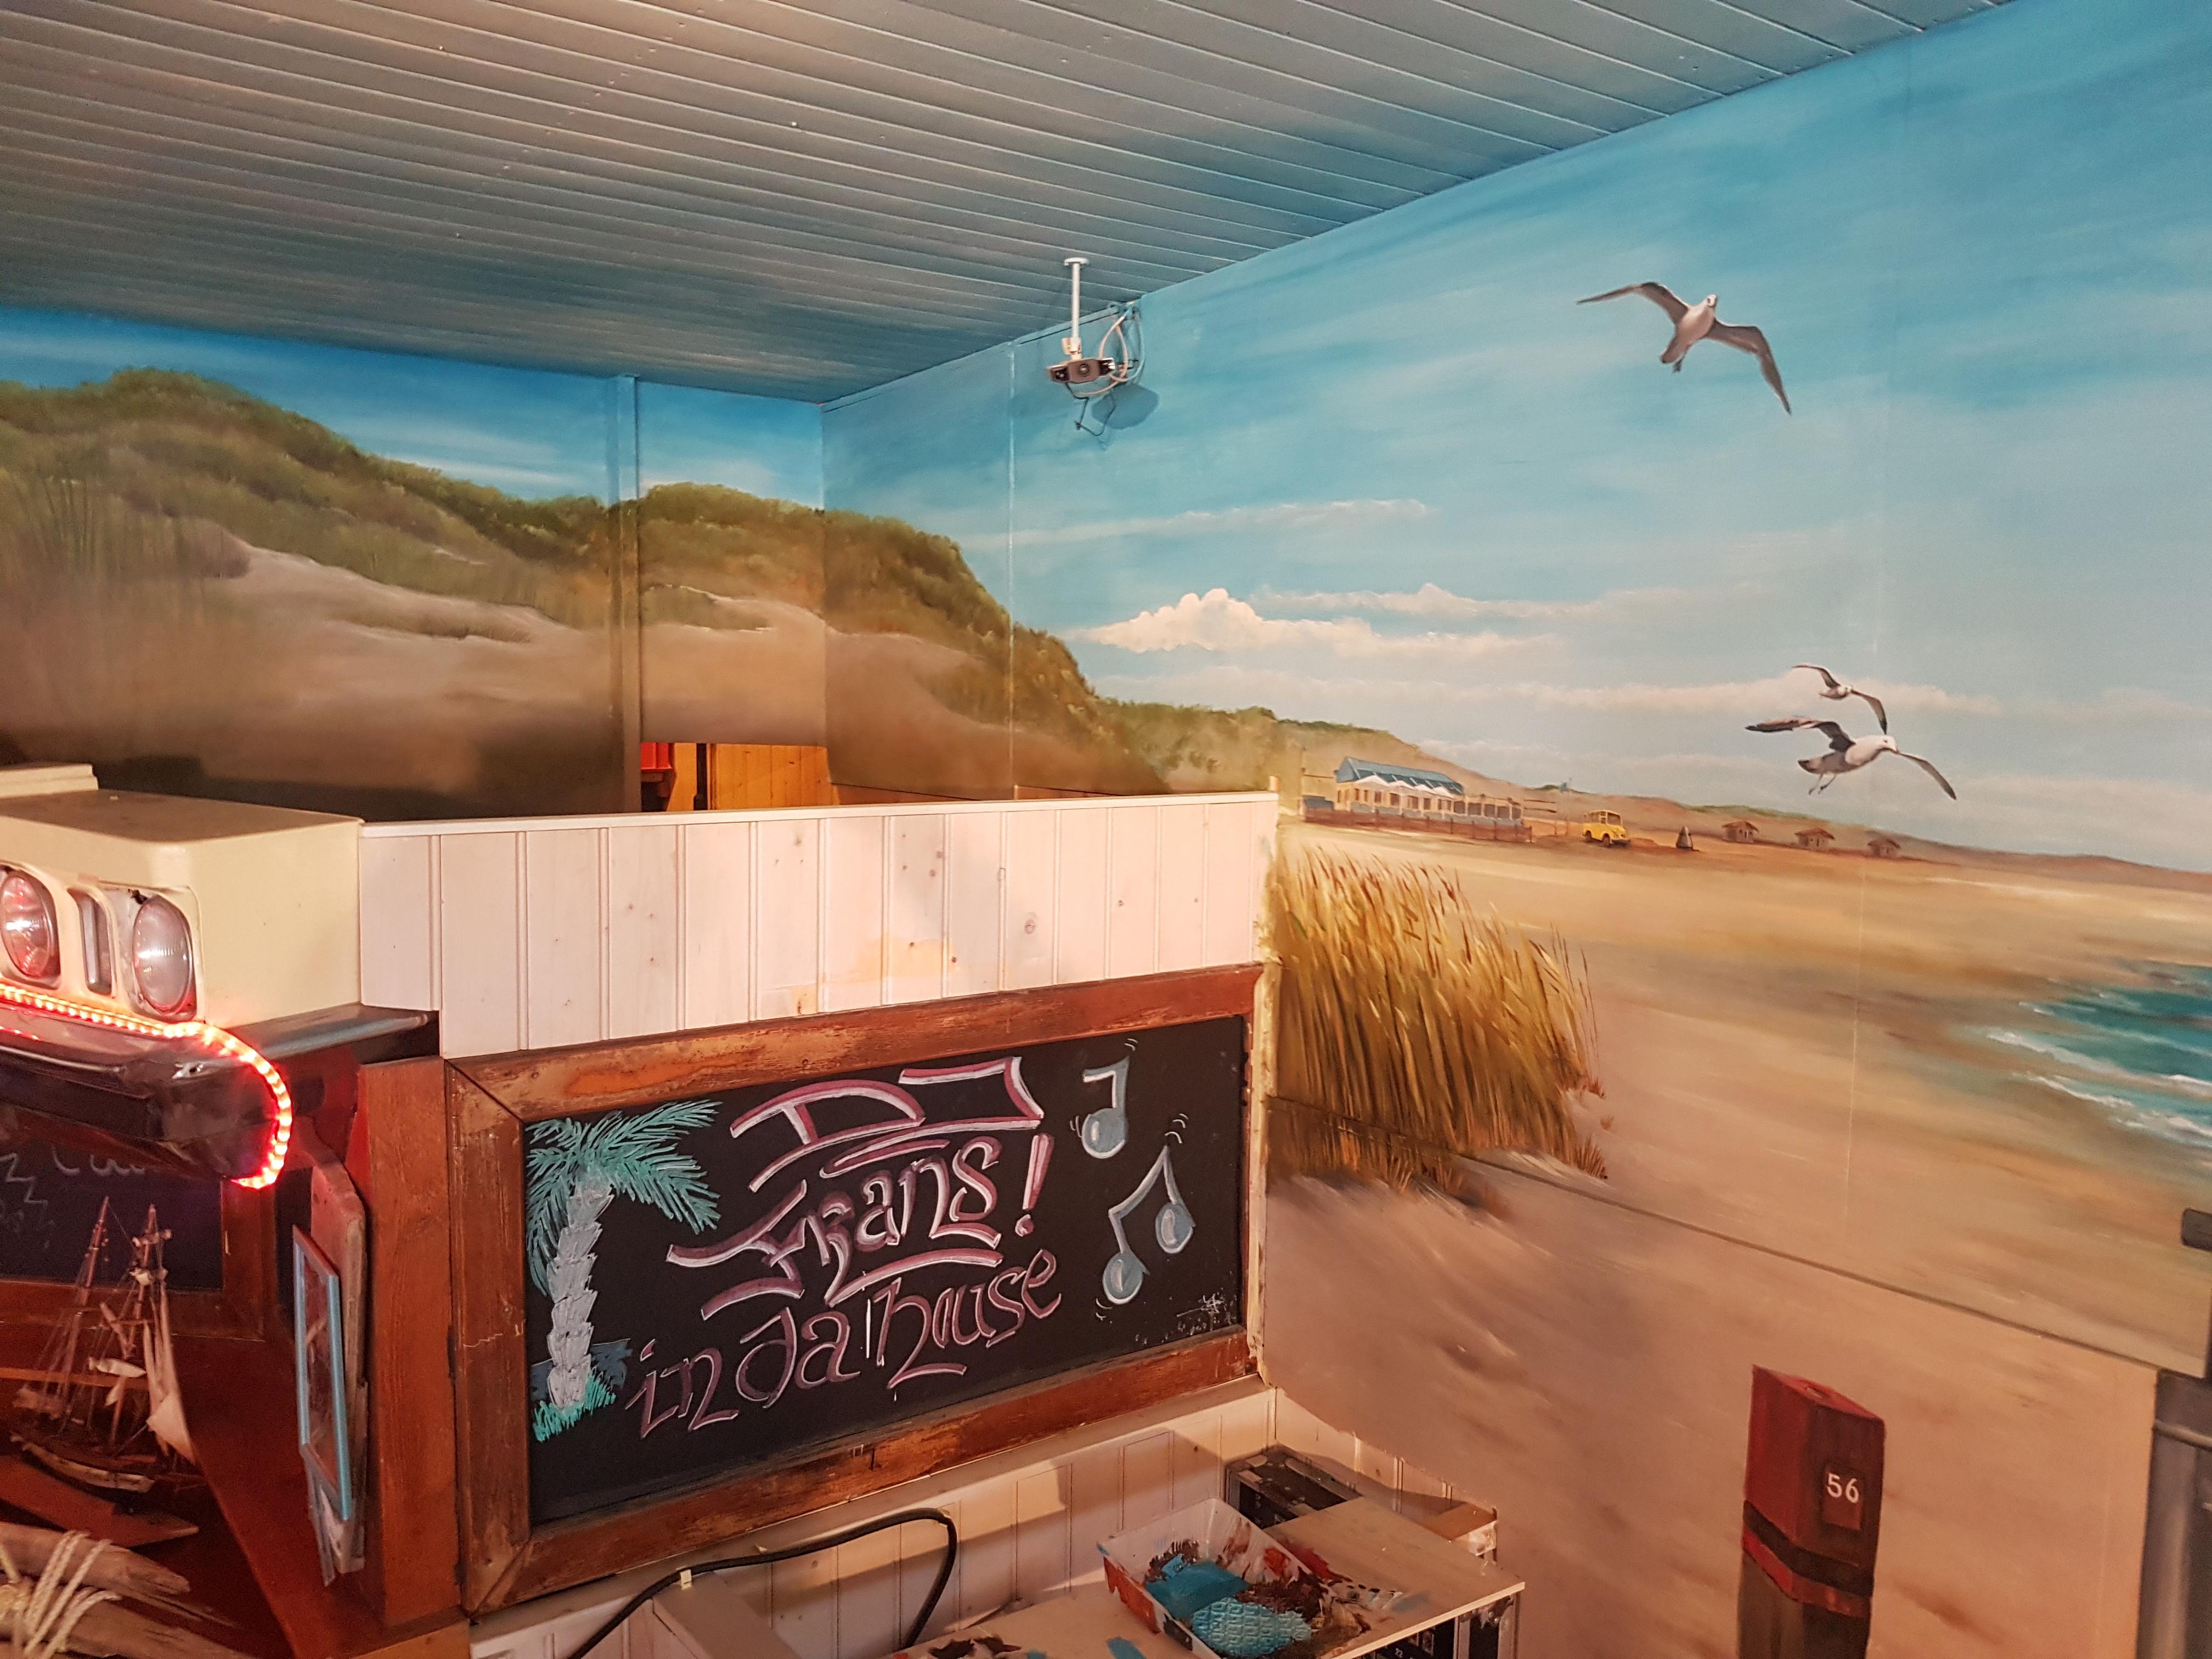 Wandschildering